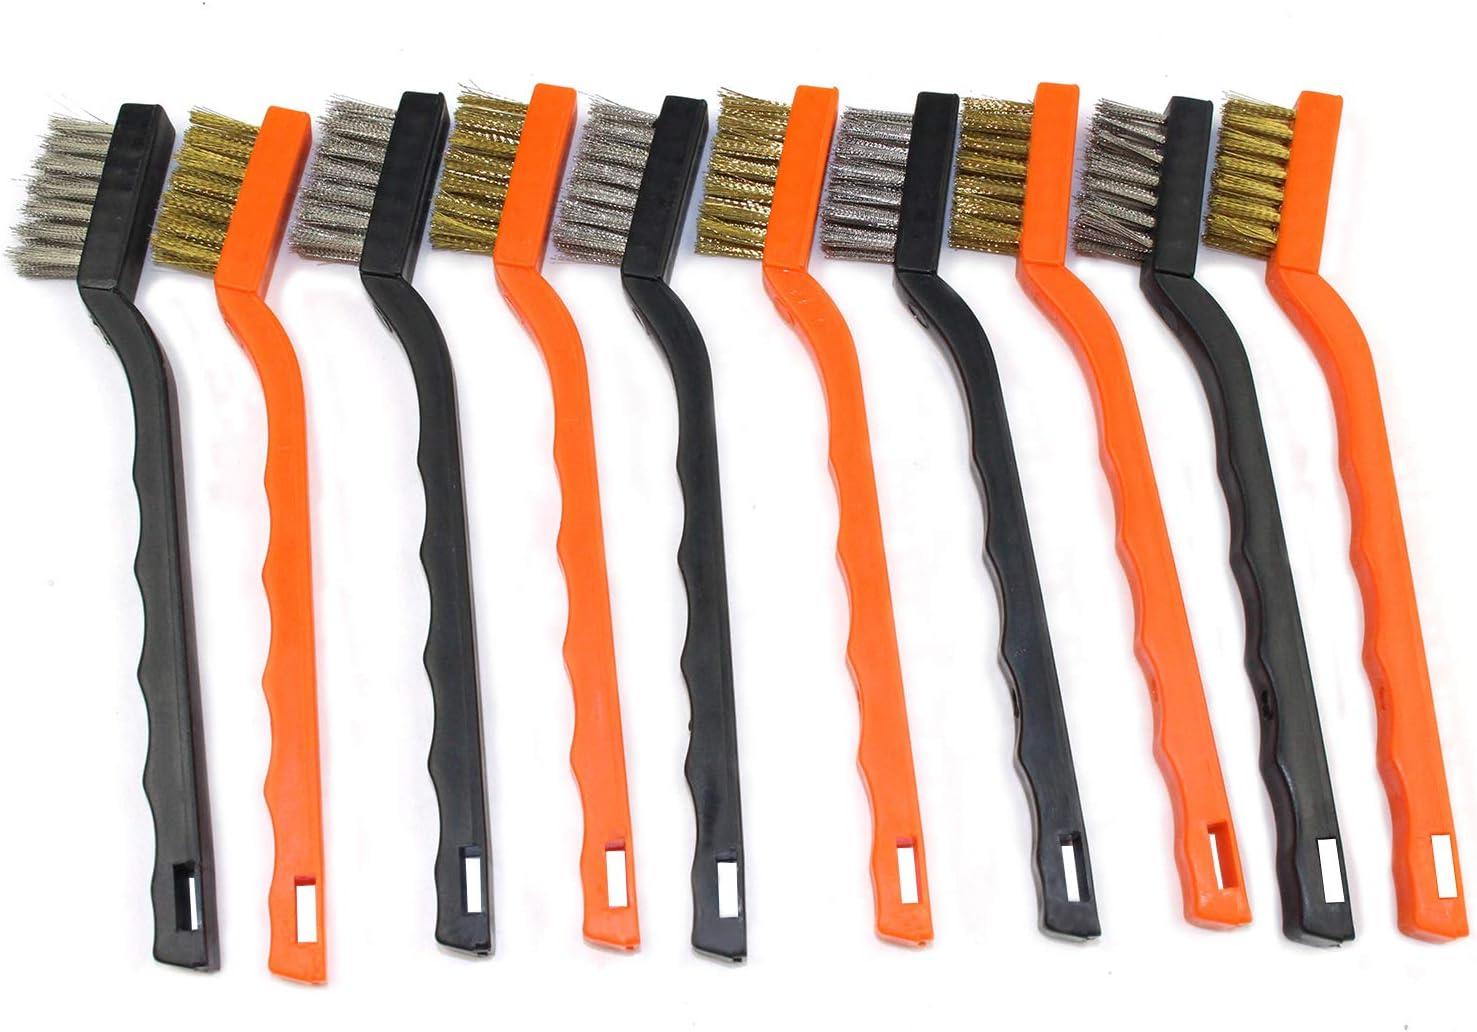 3 piezas de lat/ón y cerdas de nailon con mango curvado 17,7 cm cepillos descalcificadores para limpiar escoria de soldadura y /óxido Cepillo de alambre